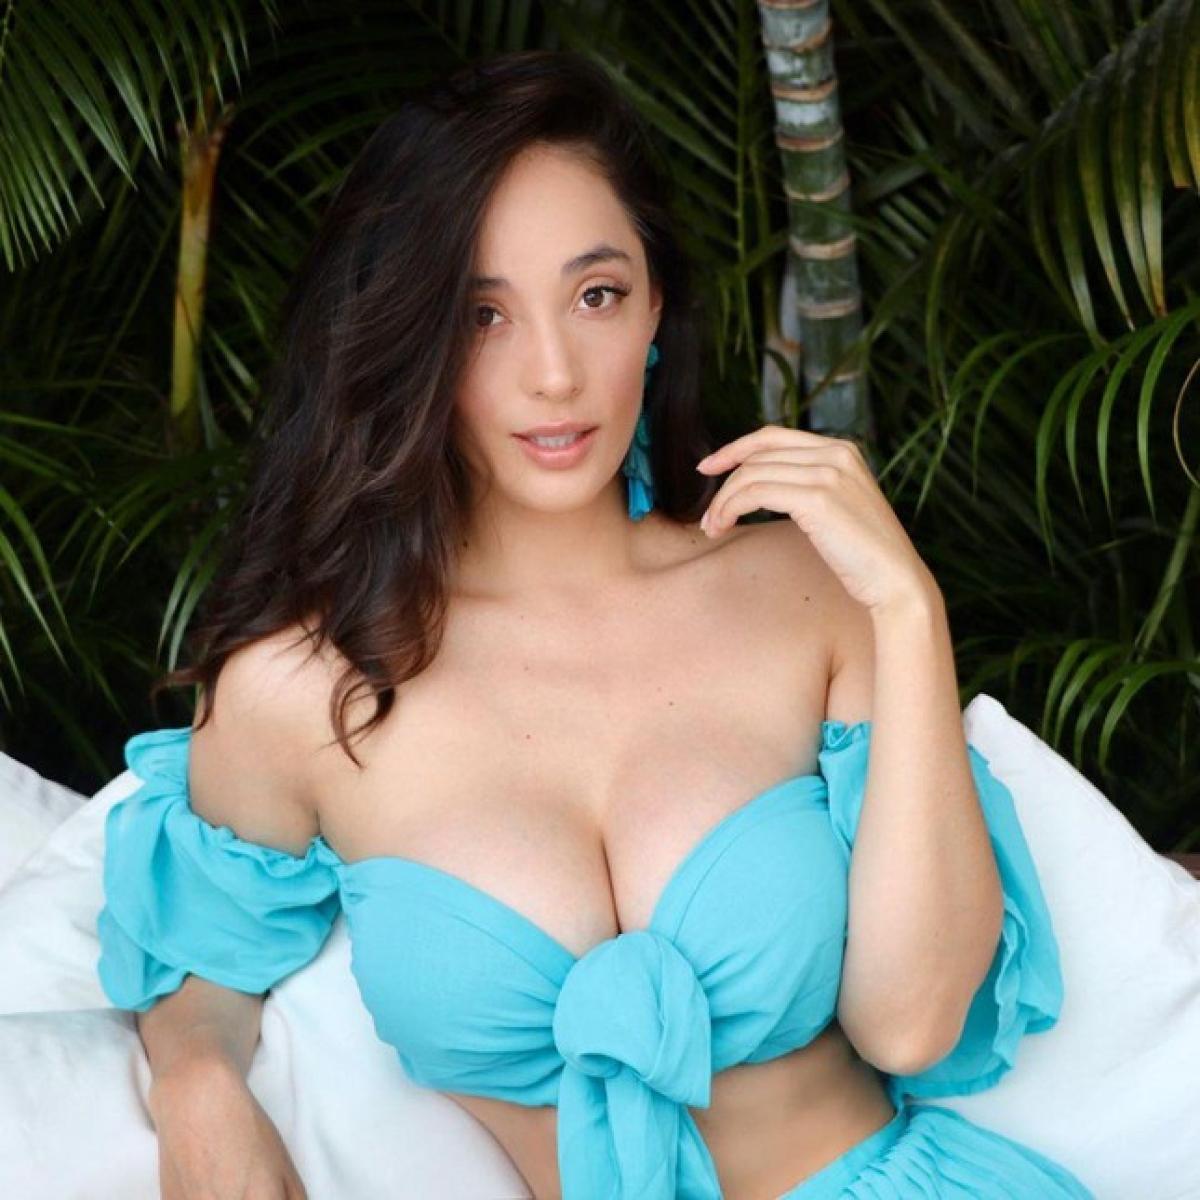 Eloísa Gutiérrez Rendón thu hút bởi chiều cao 1m75 và body quyến rũ. Người đẹp sở hữu những đường cong nóng bỏng khiến nhiều người ngưỡng mộ. Trên trang cá nhân, cô không ngại ngần khi thường xuyên chia sẻ những hình ảnh gợi cảm của mình.